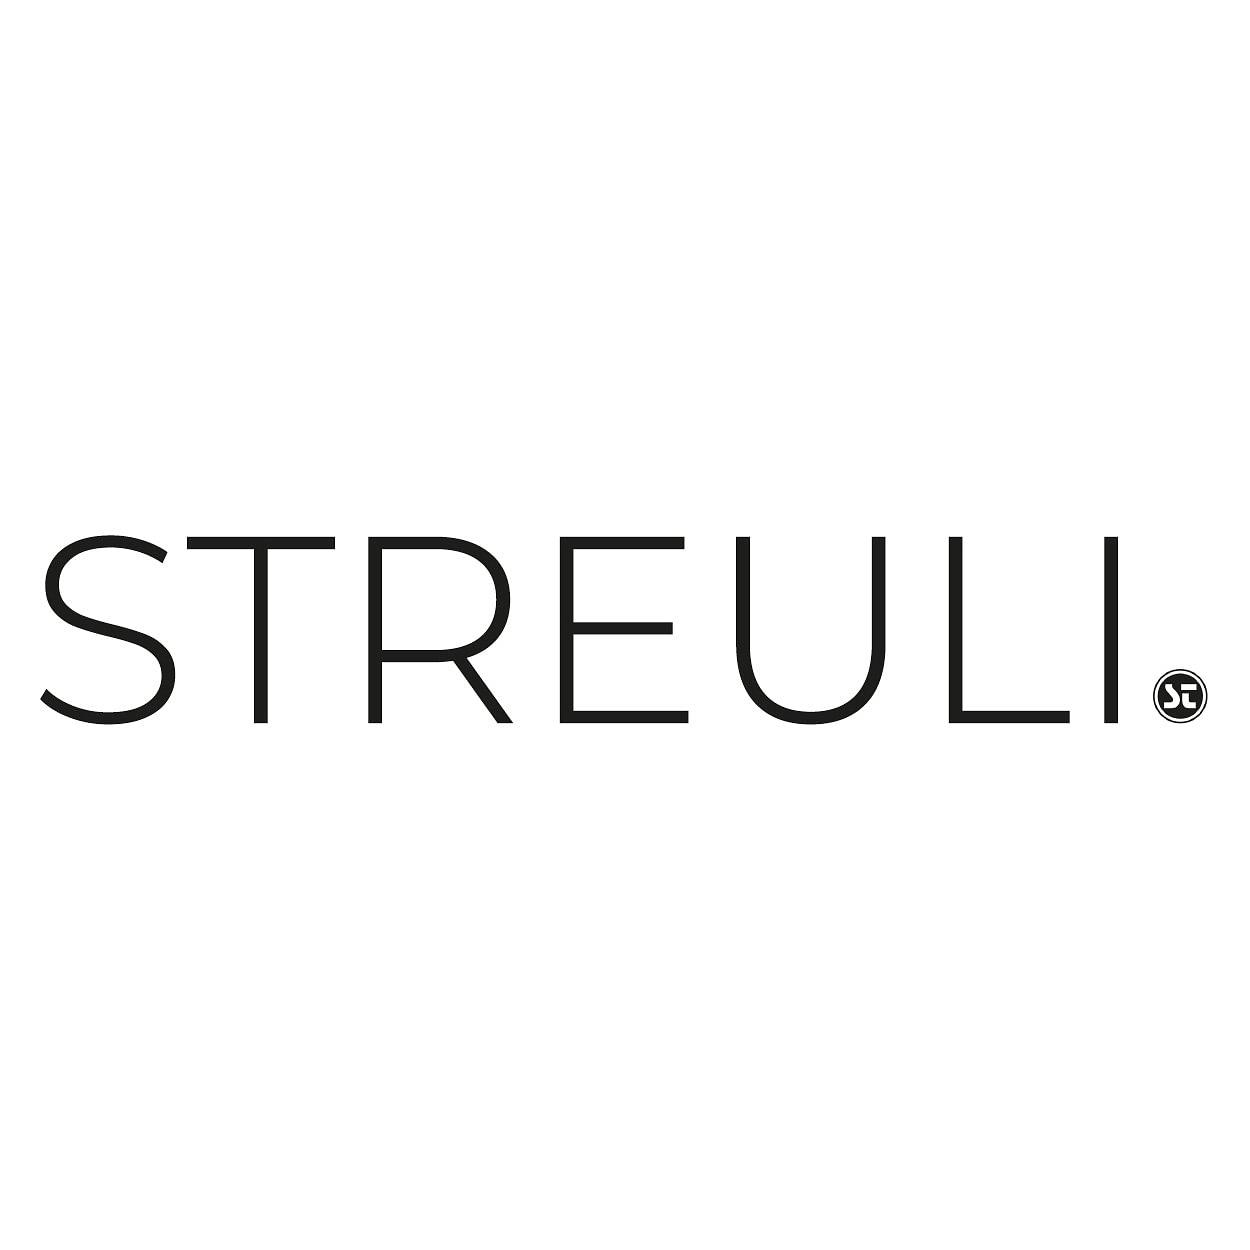 Walter Streuli AG